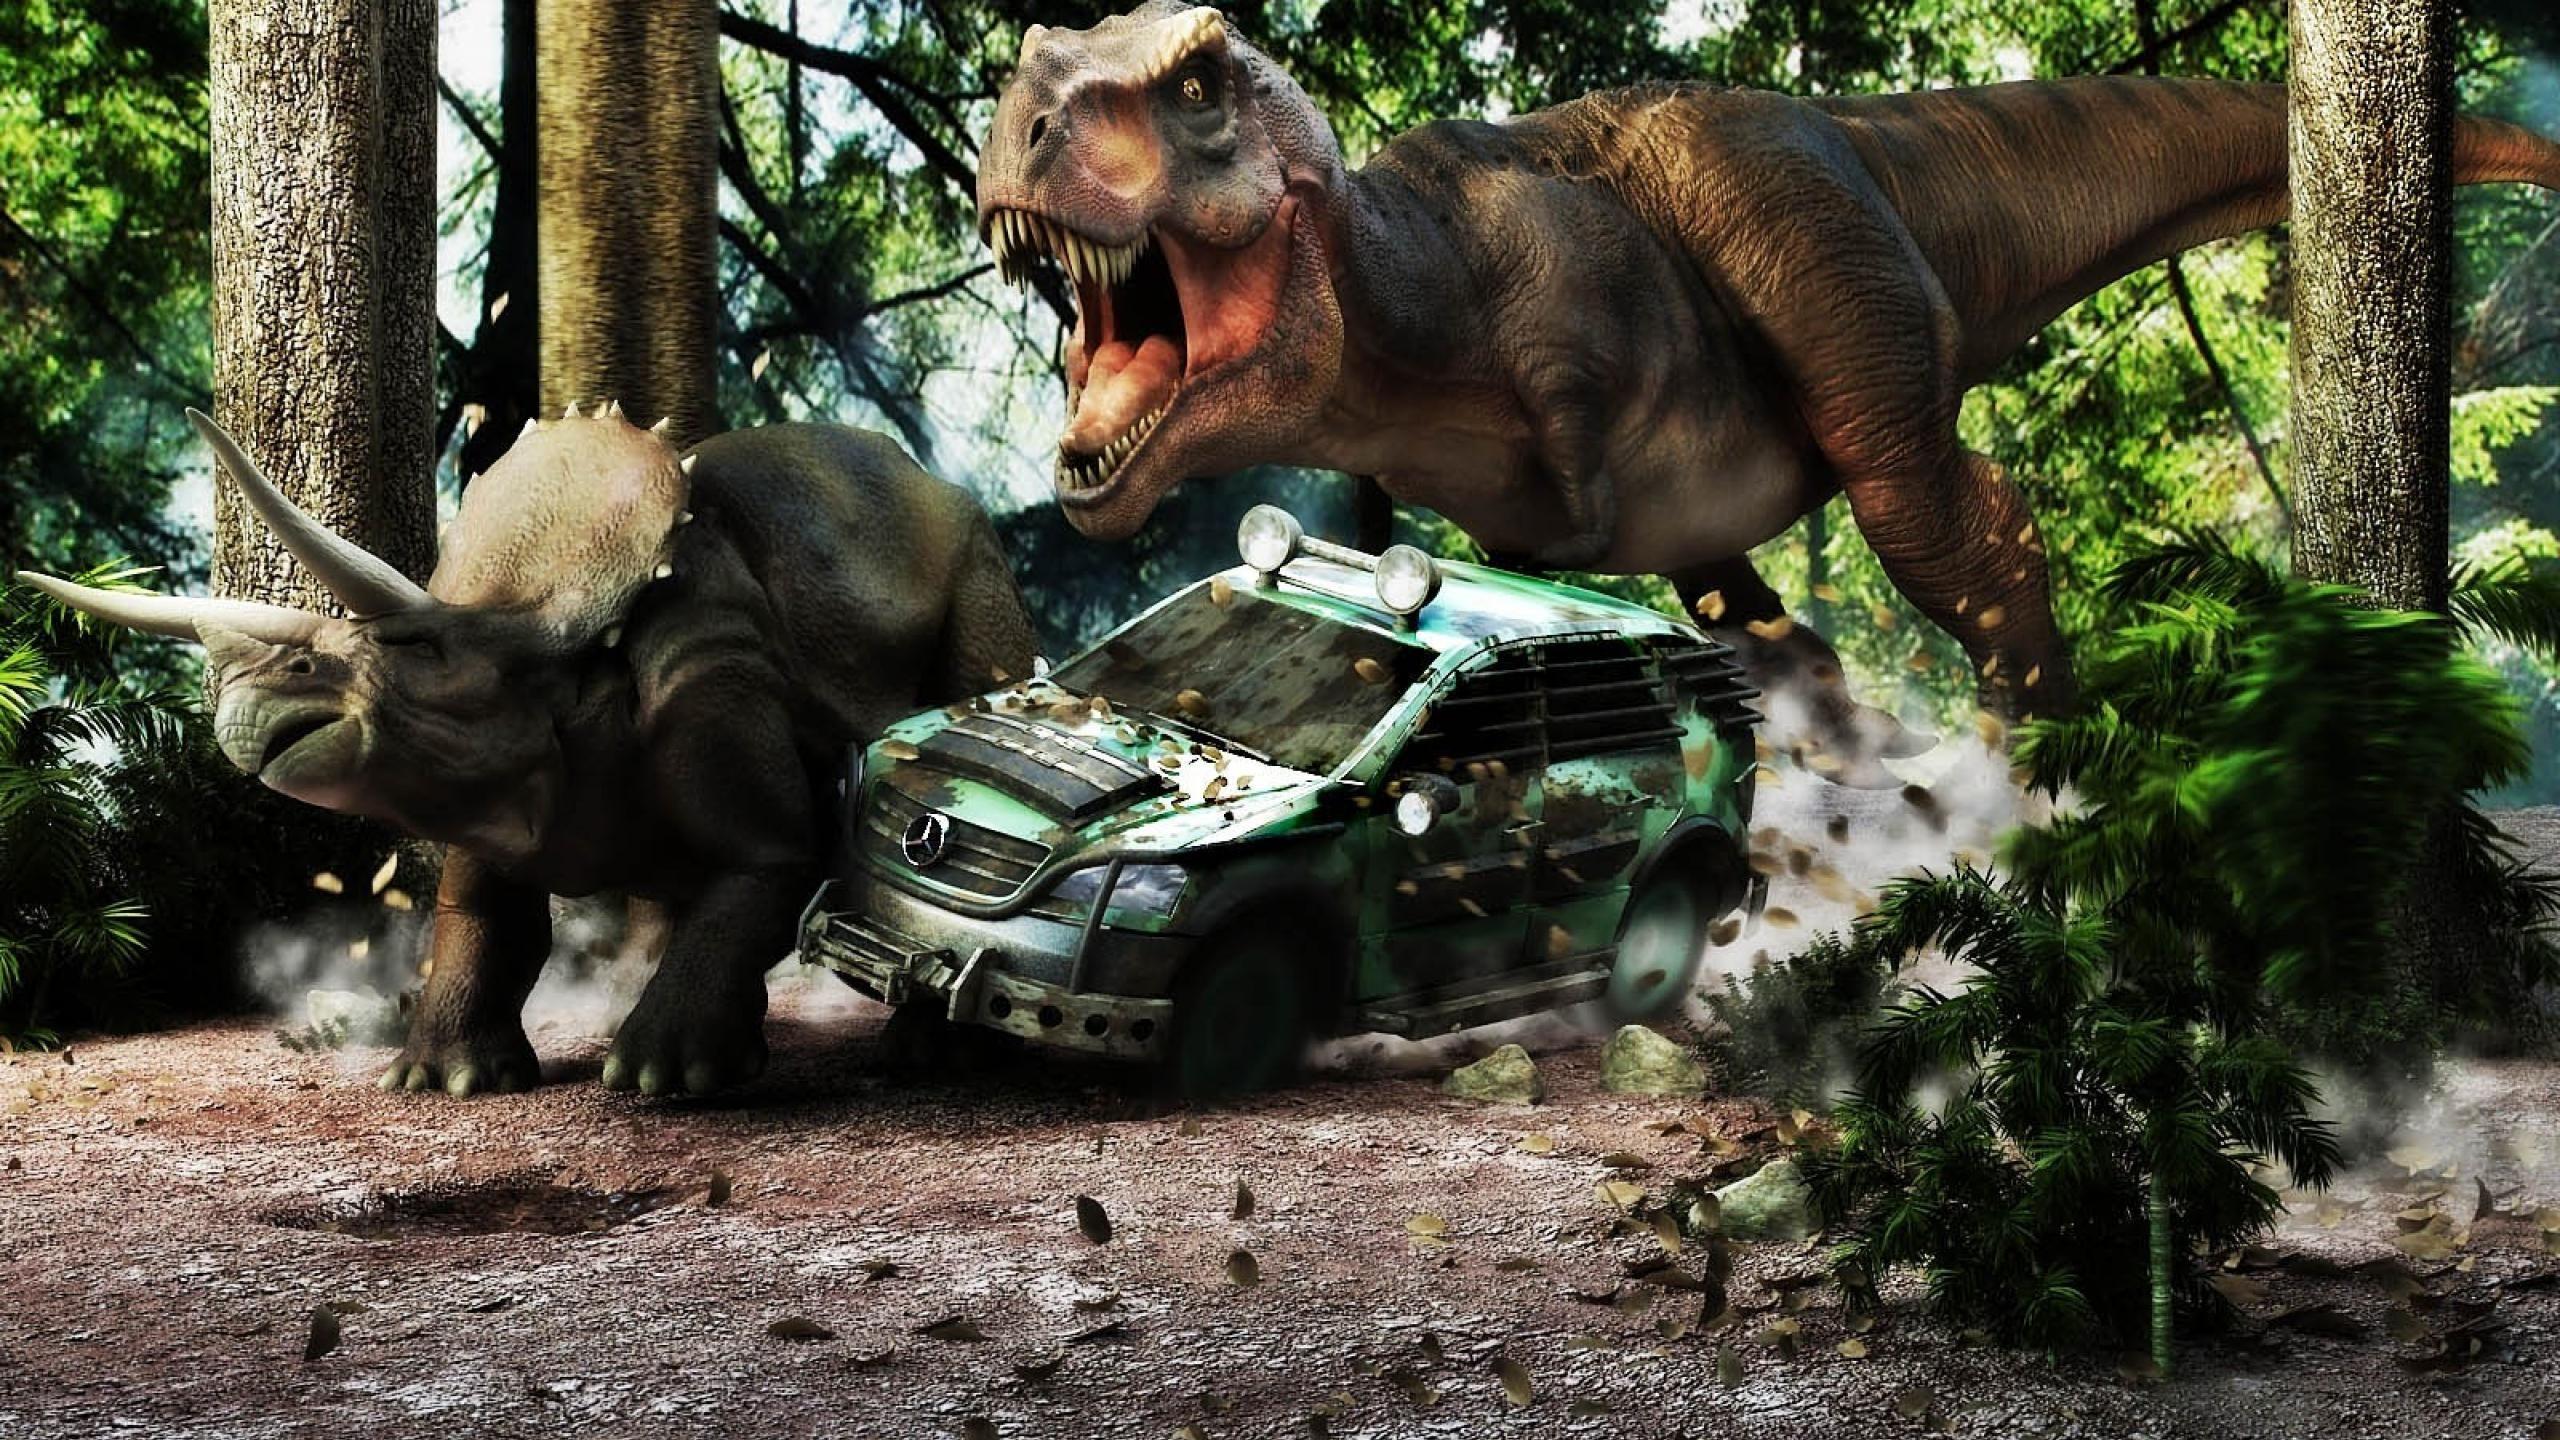 Free Jurassic Park T Rex Wallpaper Full Hd Jurassic Park T Rex